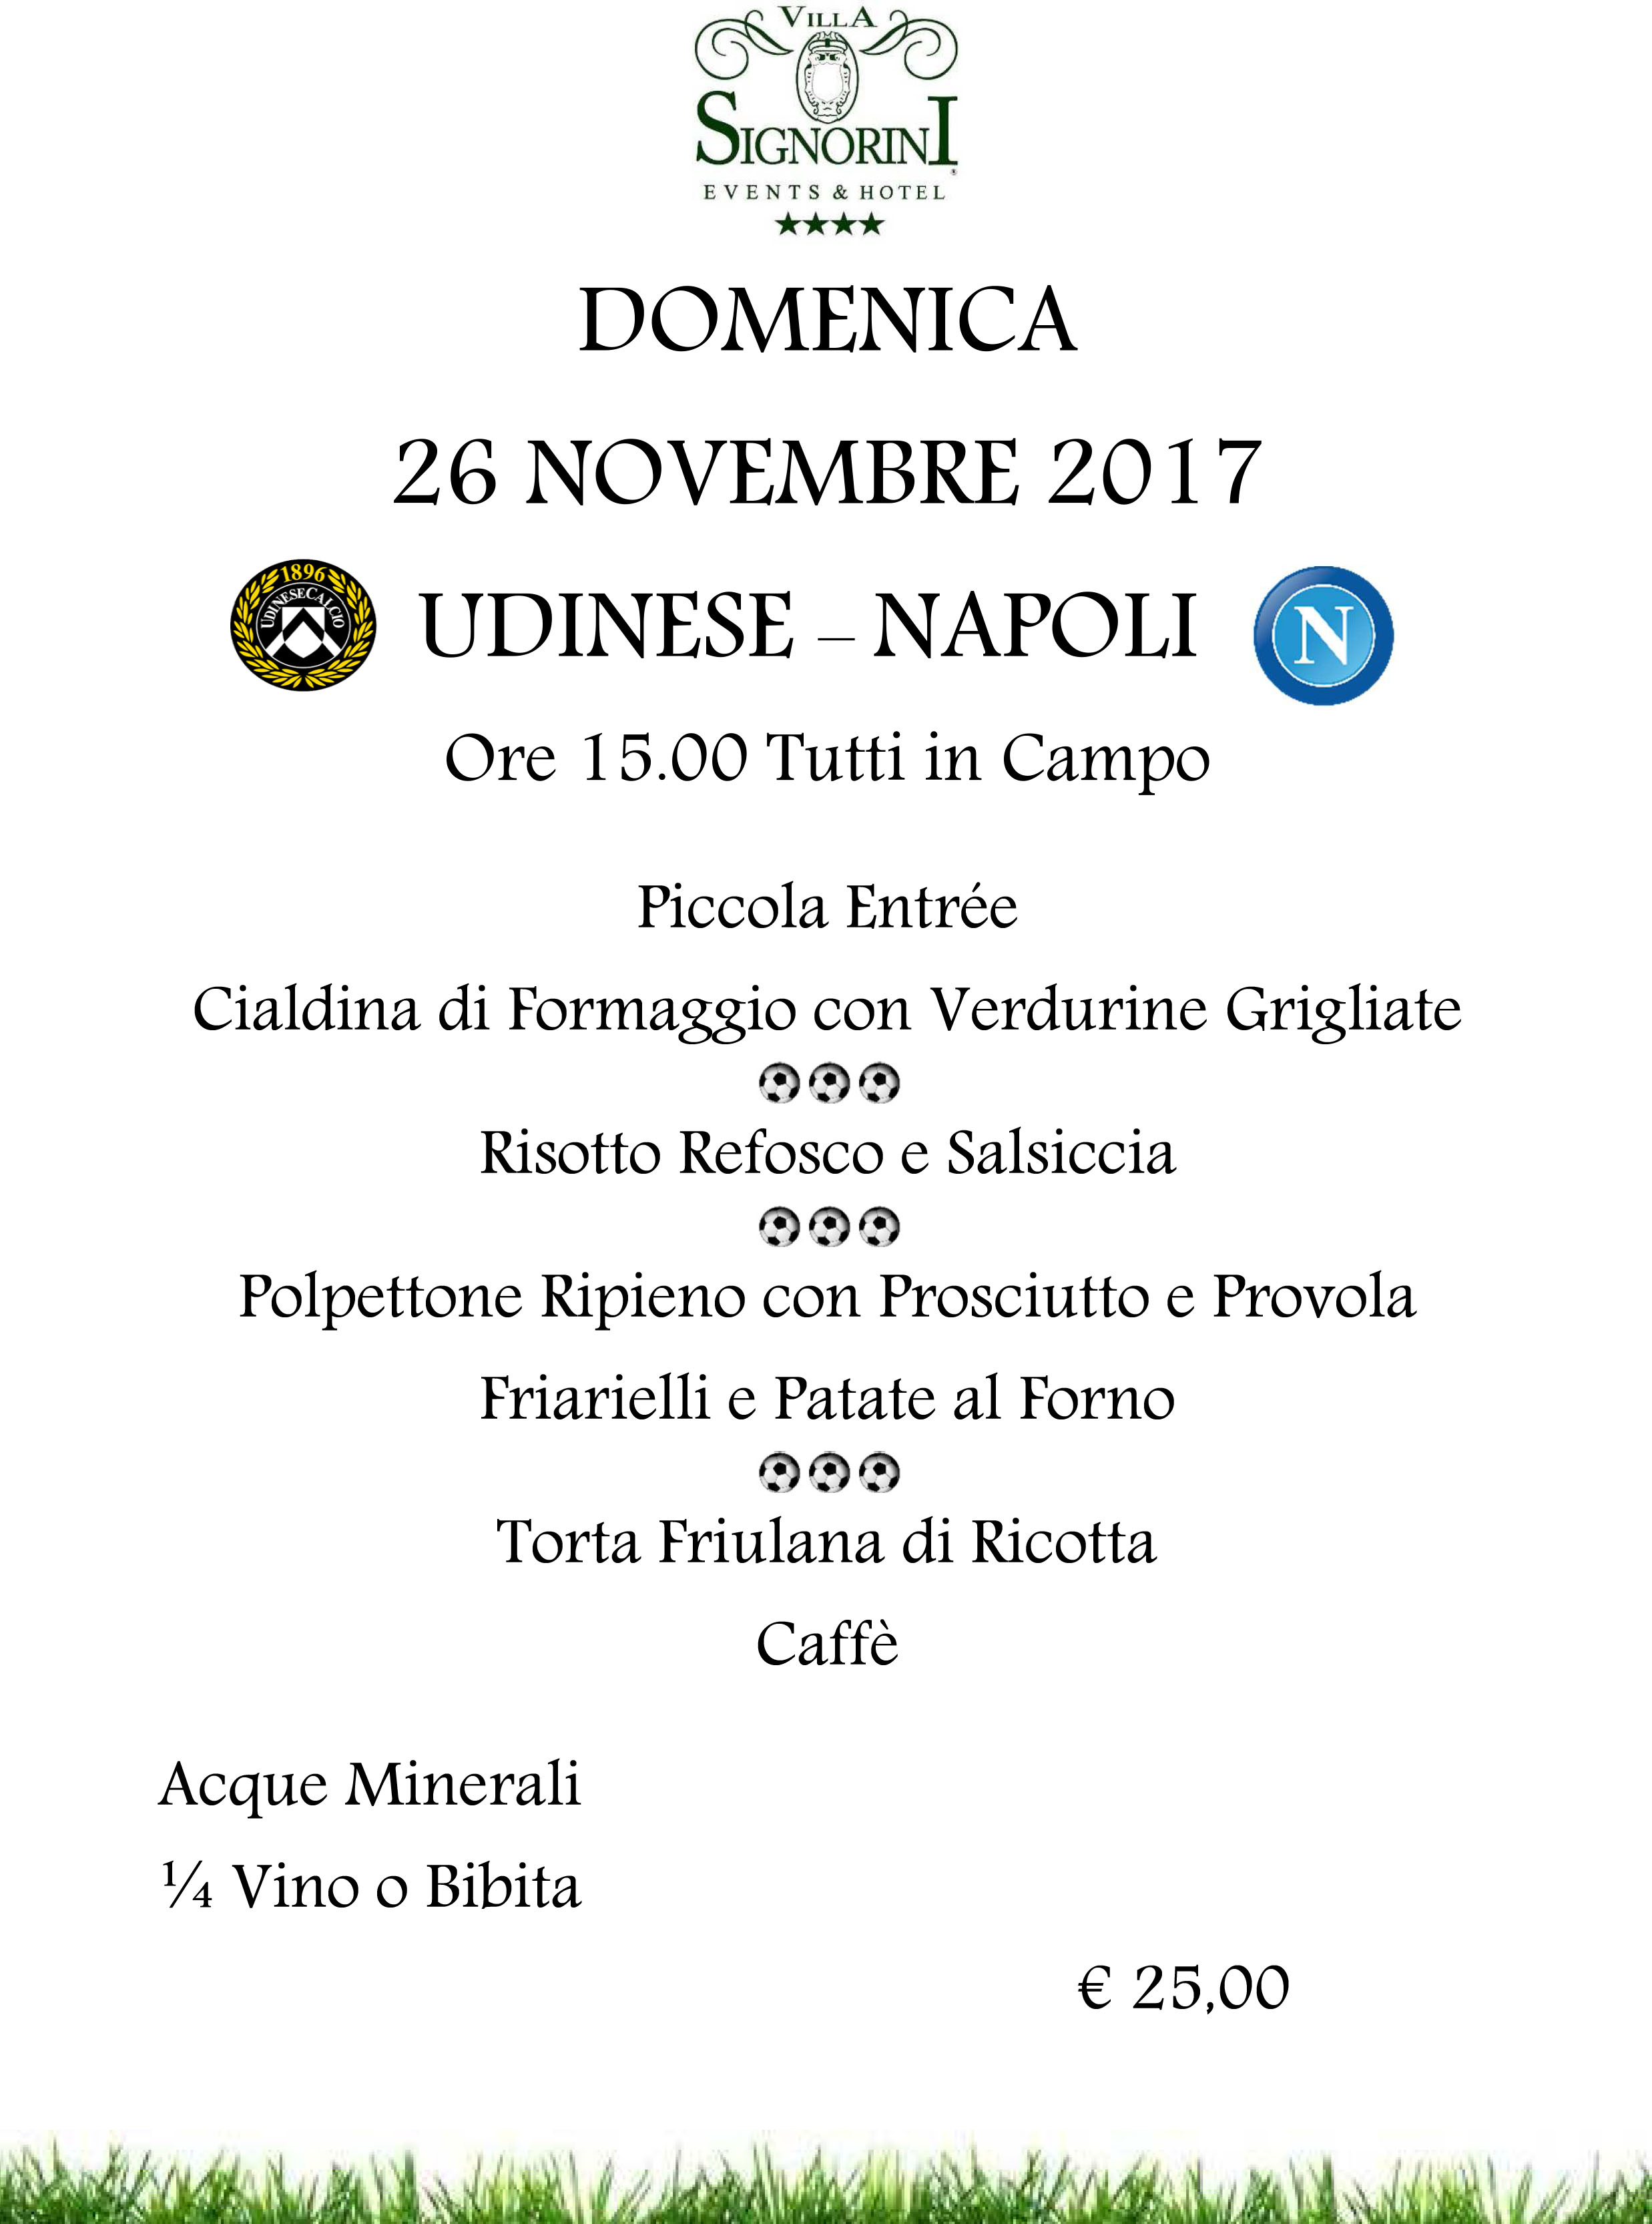 11.26.2017 UDINESE-NAPOLI